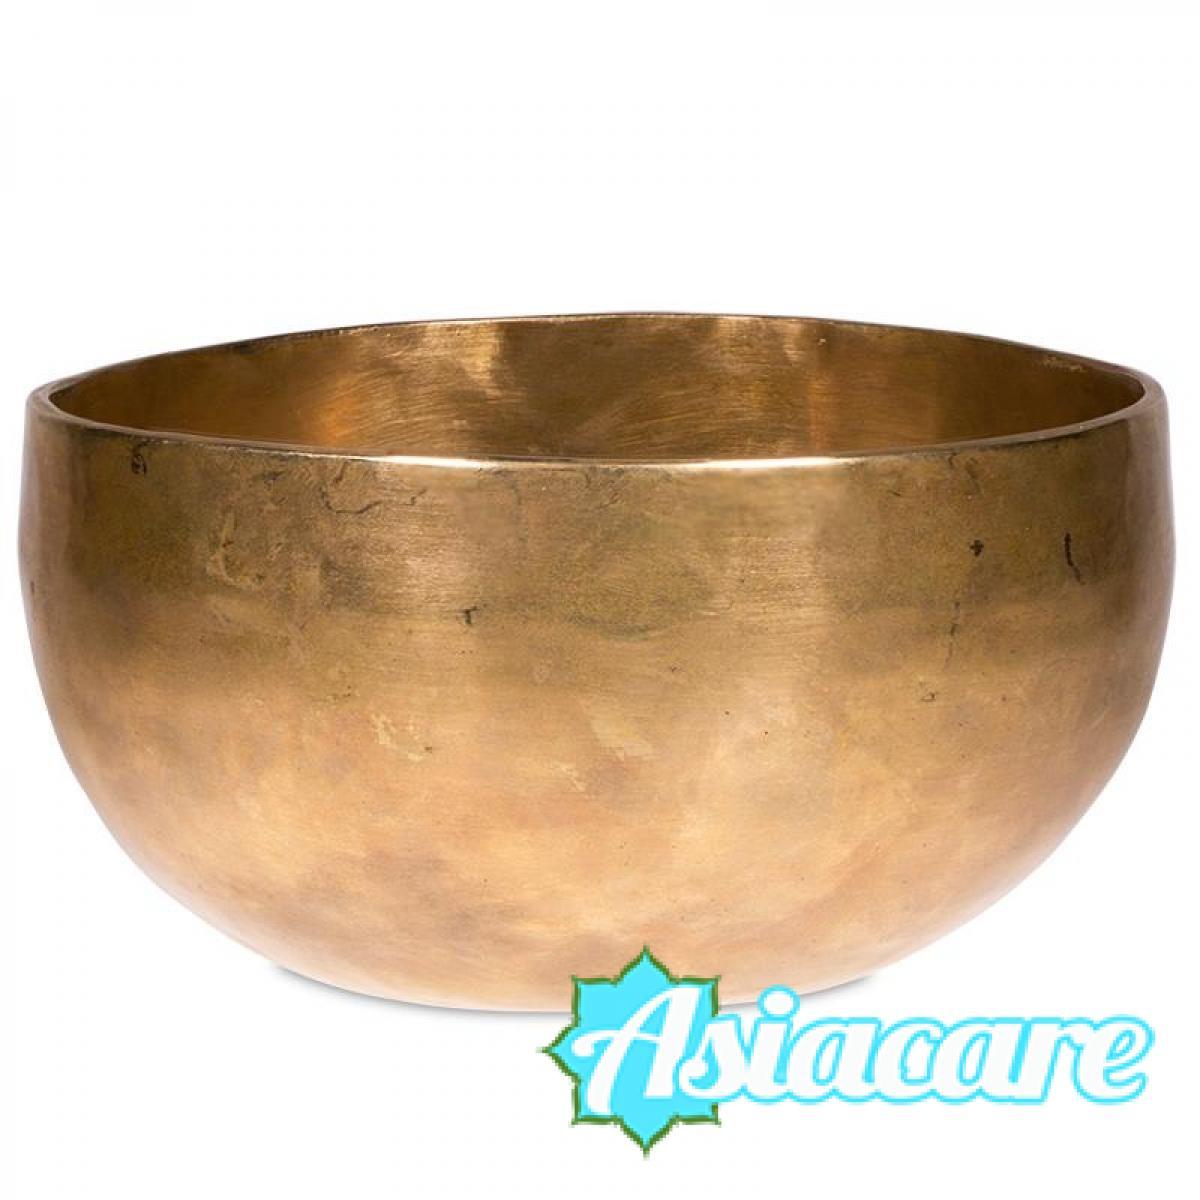 ДЕ ВА Ръчно кована тибетска пееща купа 215 – 250 грама УНИКАТ + дървено чукче